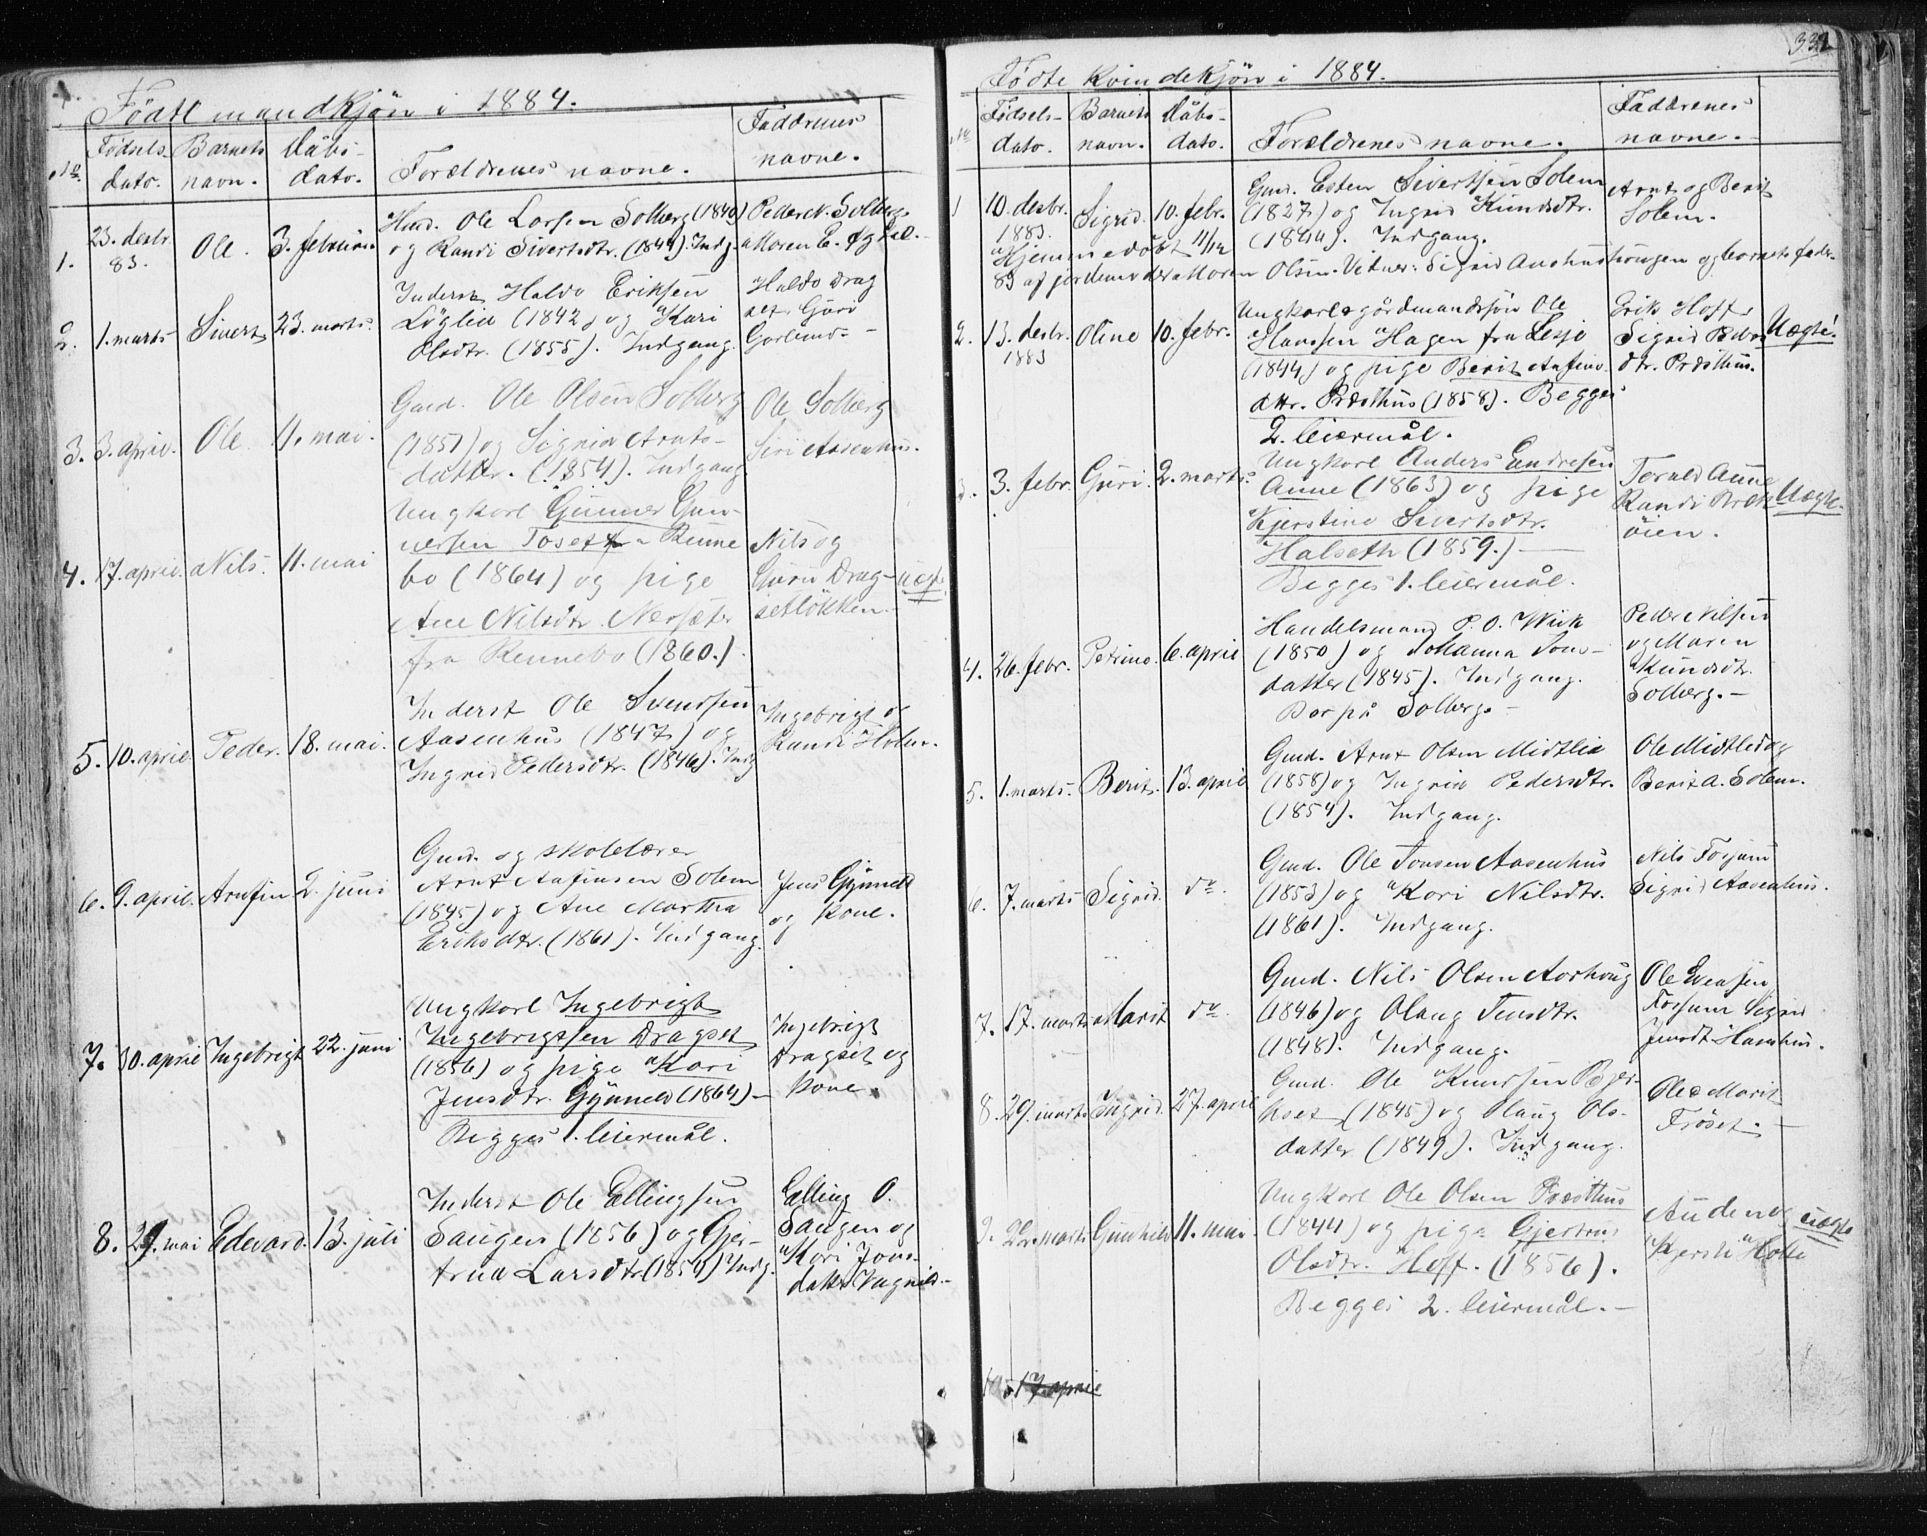 SAT, Ministerialprotokoller, klokkerbøker og fødselsregistre - Sør-Trøndelag, 689/L1043: Klokkerbok nr. 689C02, 1816-1892, s. 332